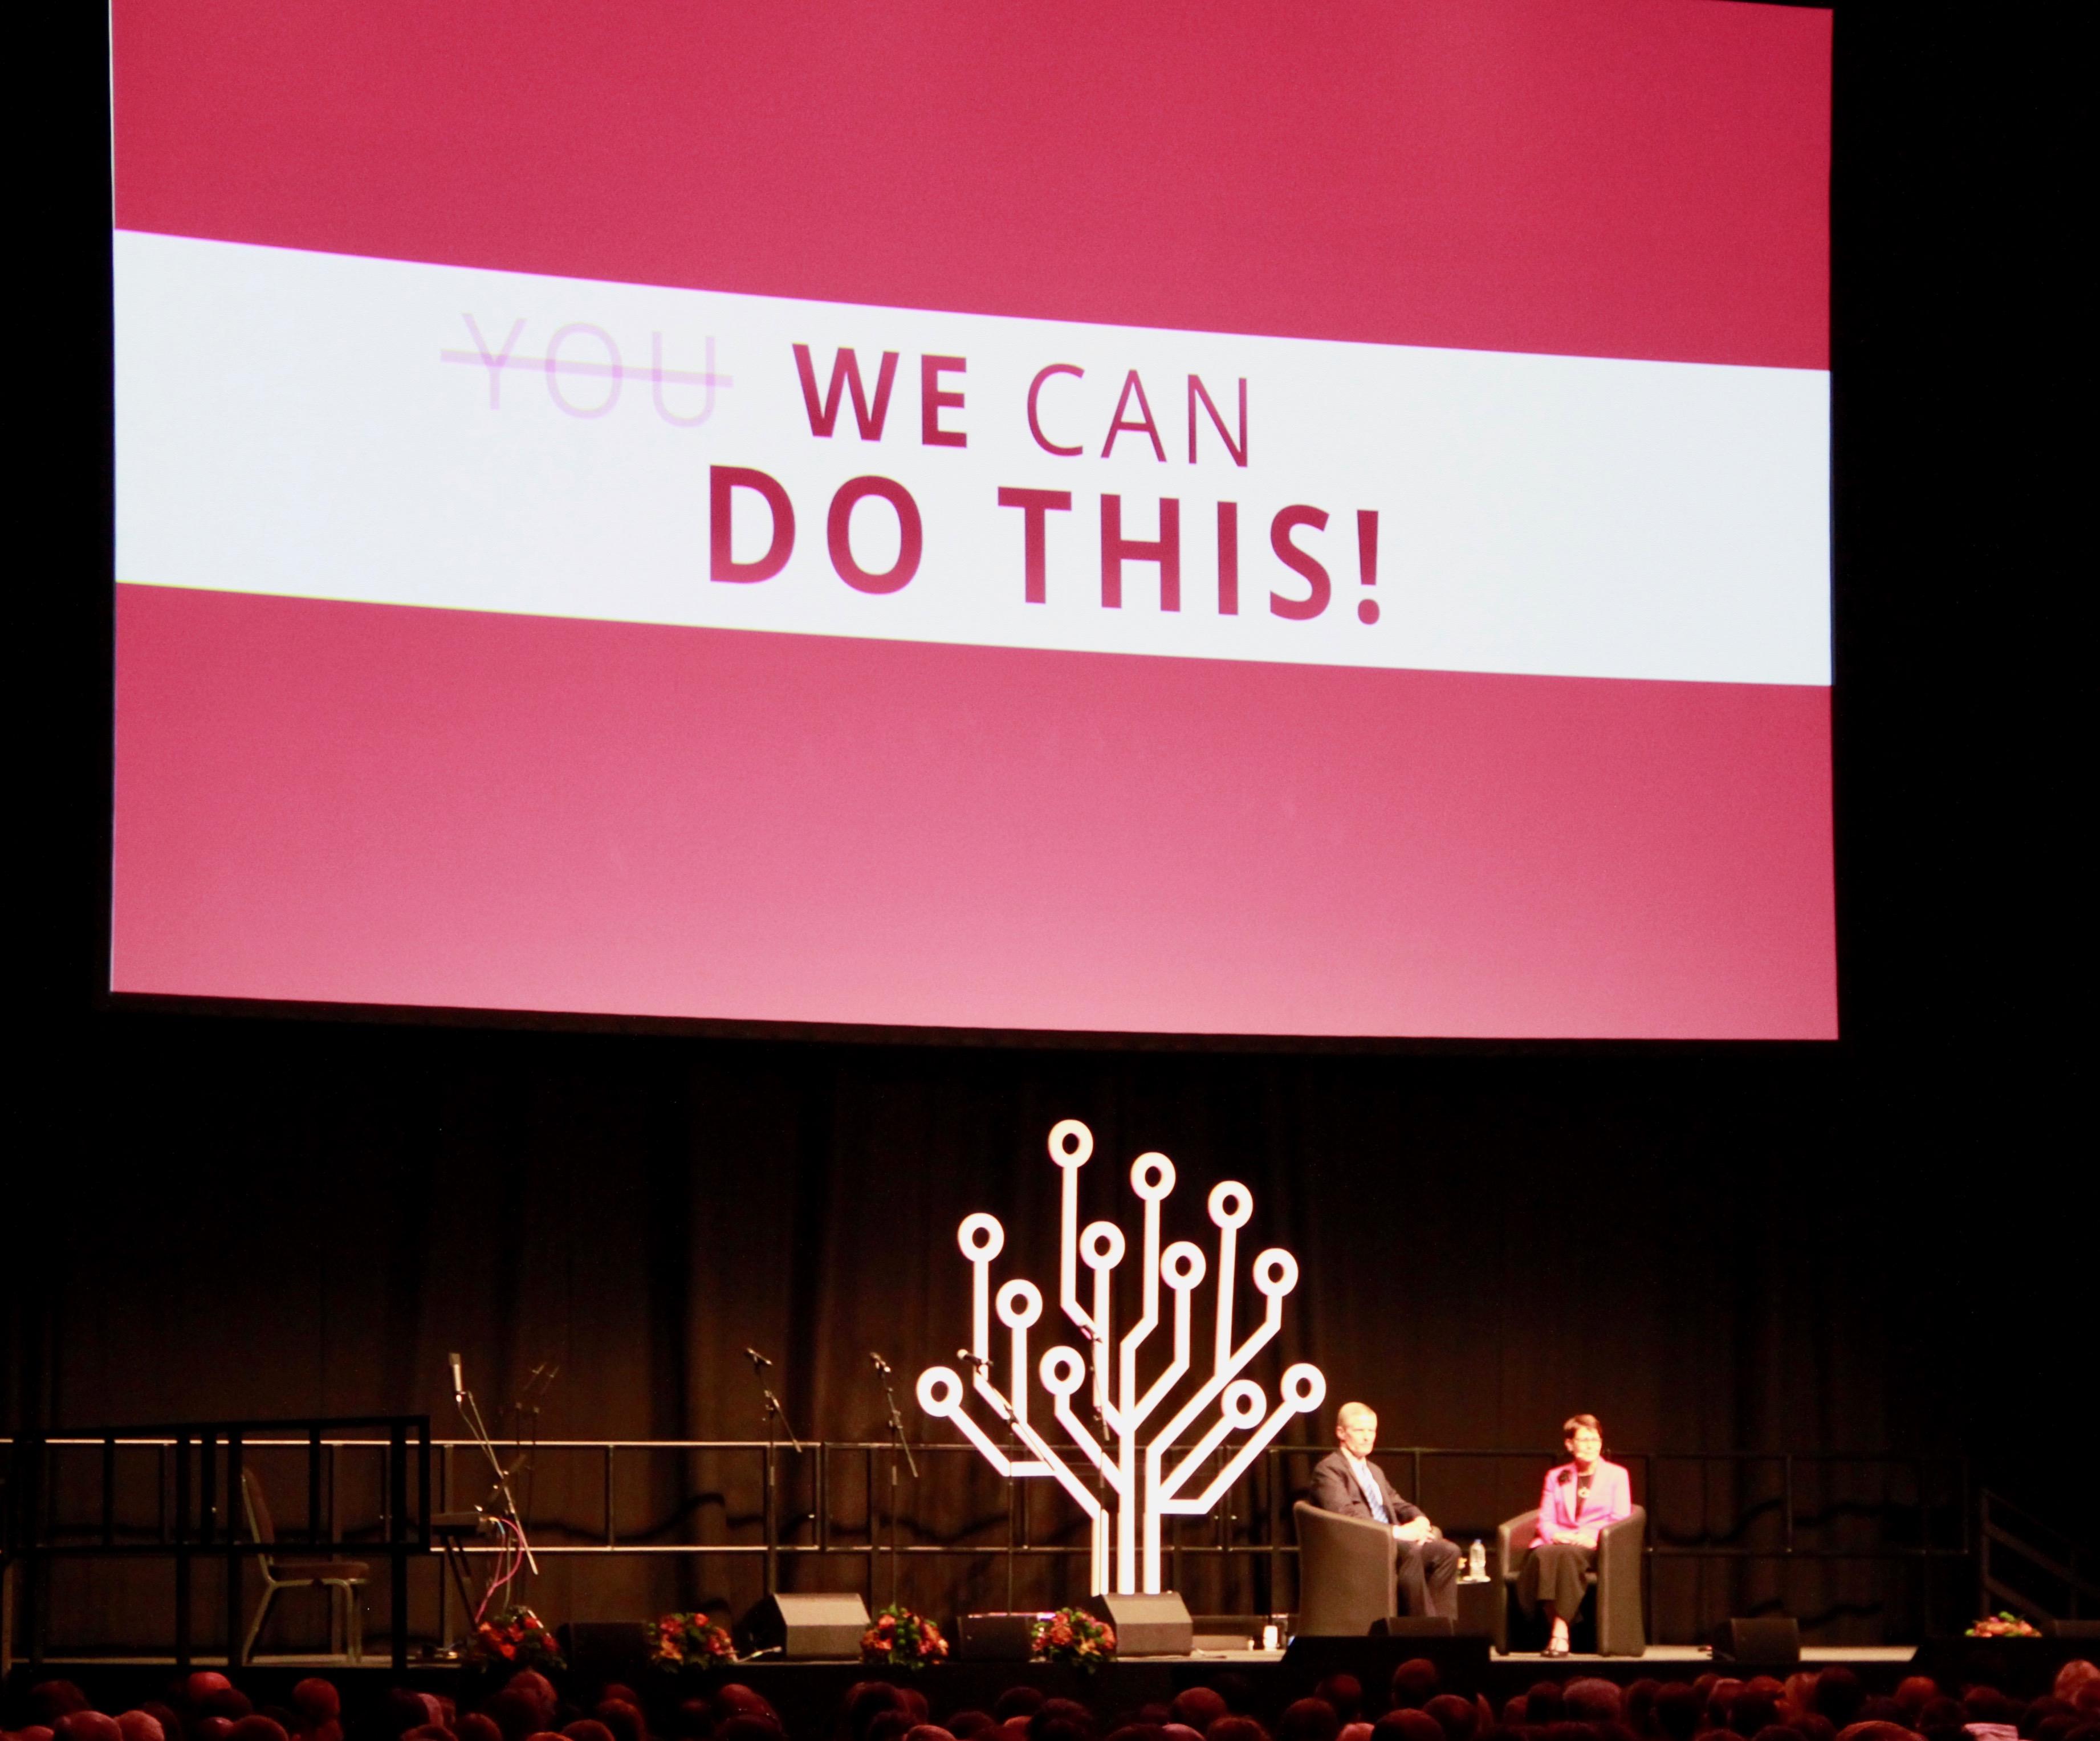 """El élder David A. Bednar y su esposa, la hermana Susan Bednar, hablan en el auditorio ExCel durante la sesión final de RootsTech Londres, llamada """"Una noche con el élder y la hermana Bednar"""", el sábado 26 de octubre de 2019."""